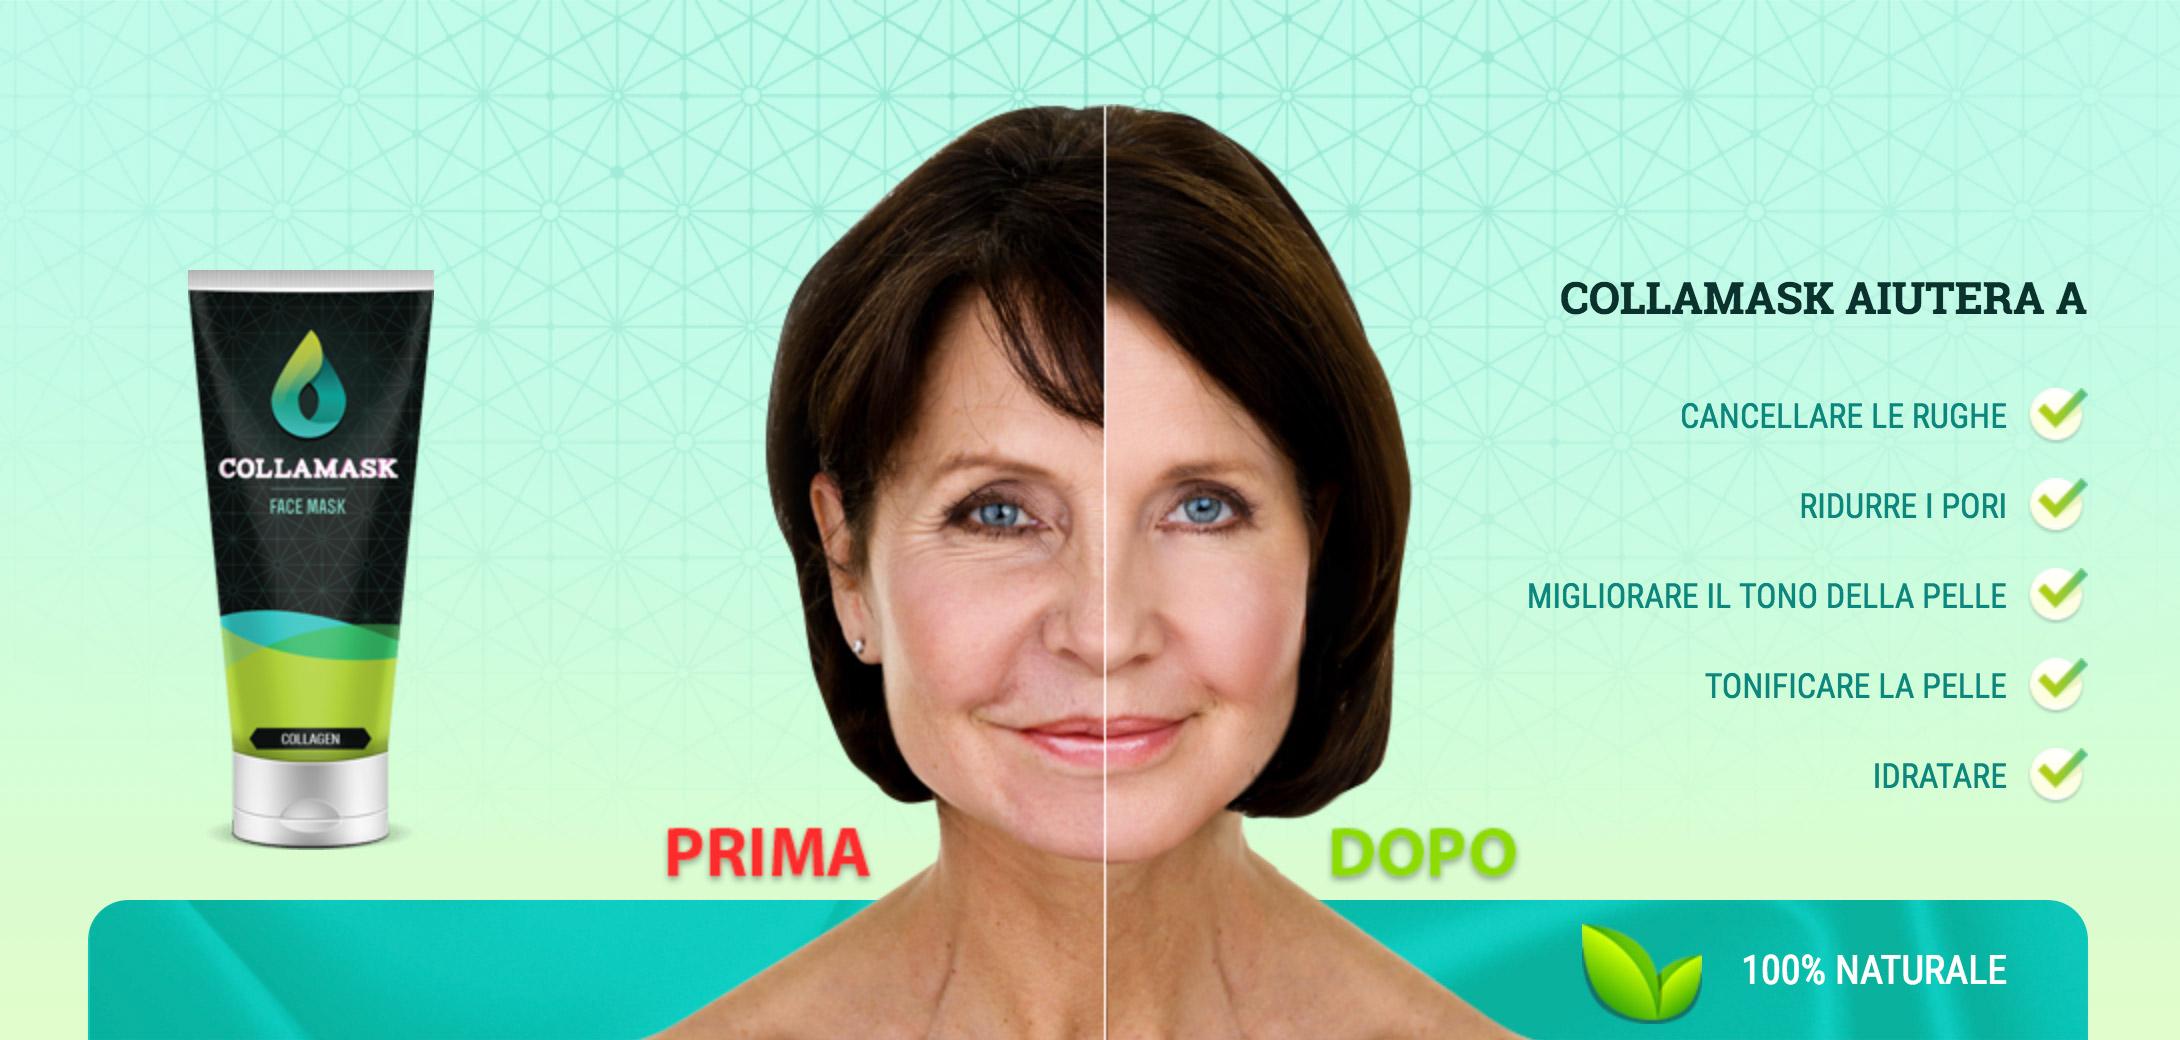 CollaMask maschera contro i problemi principali della pelle